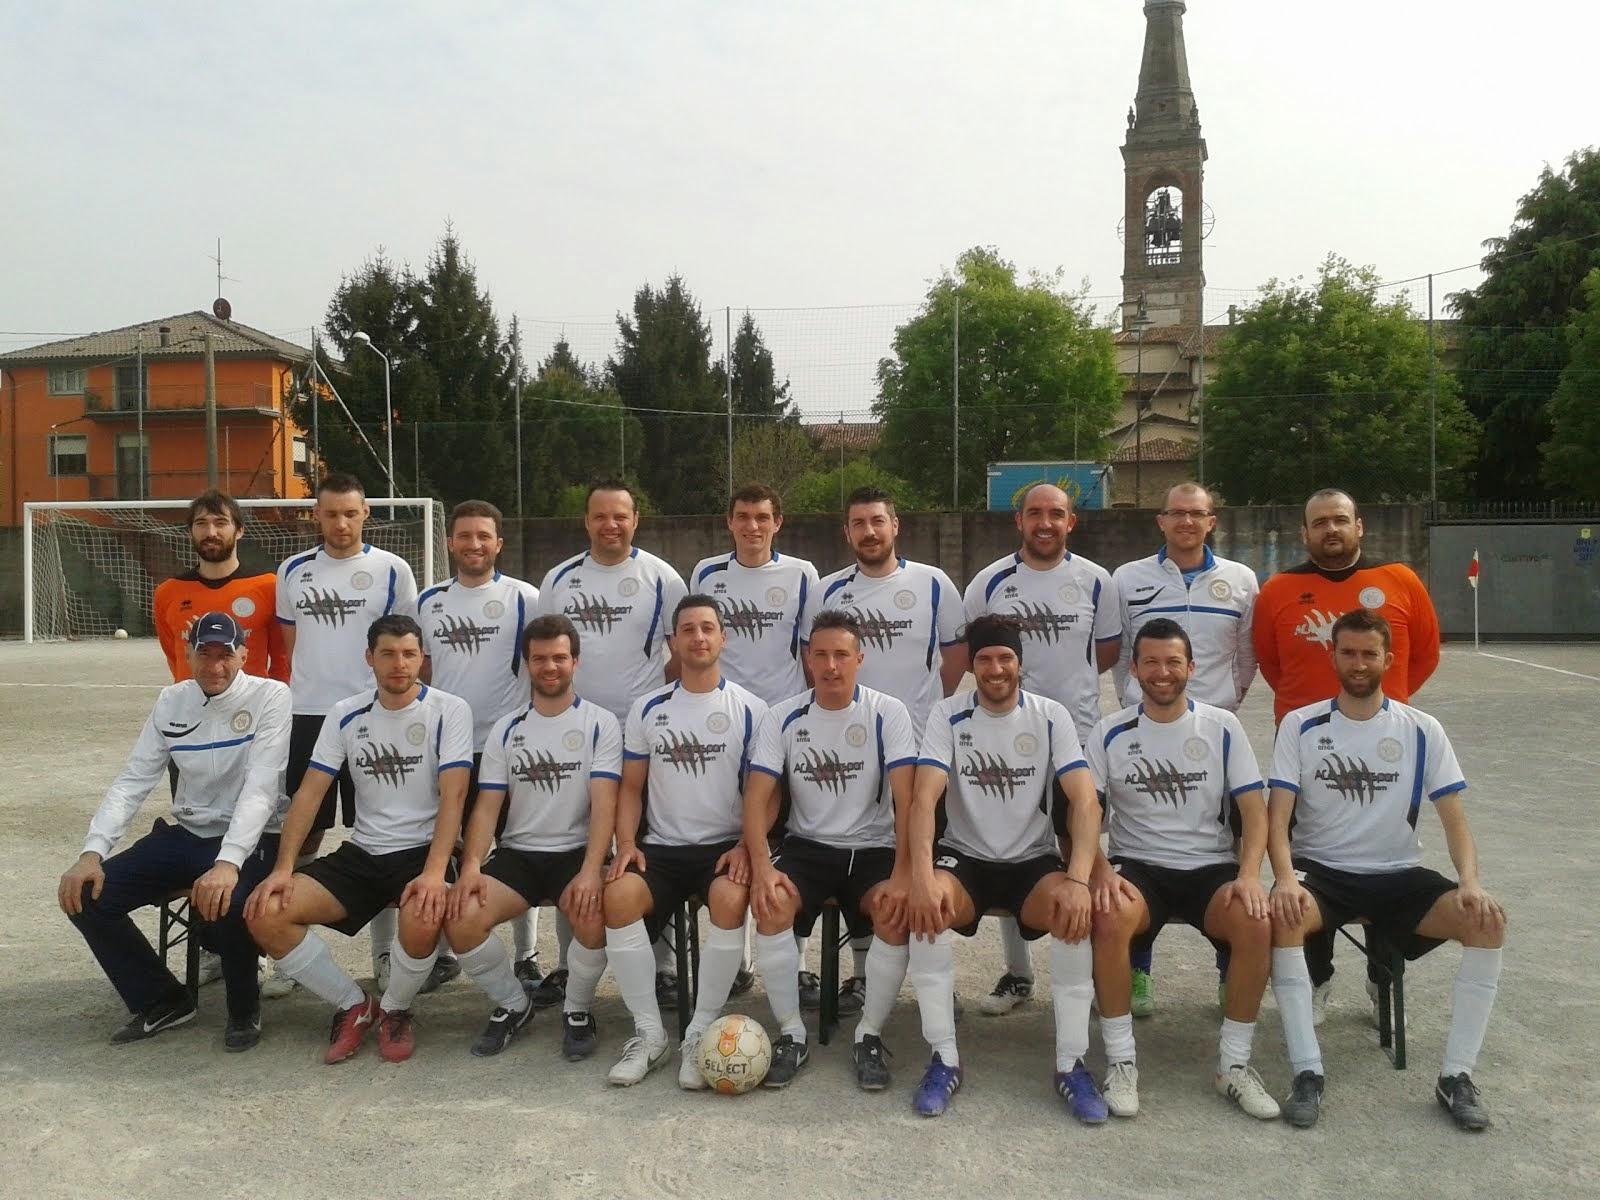 Il blog ufficiale della squadra di calcio a 7 dell'ASD CDM Bonate Sotto